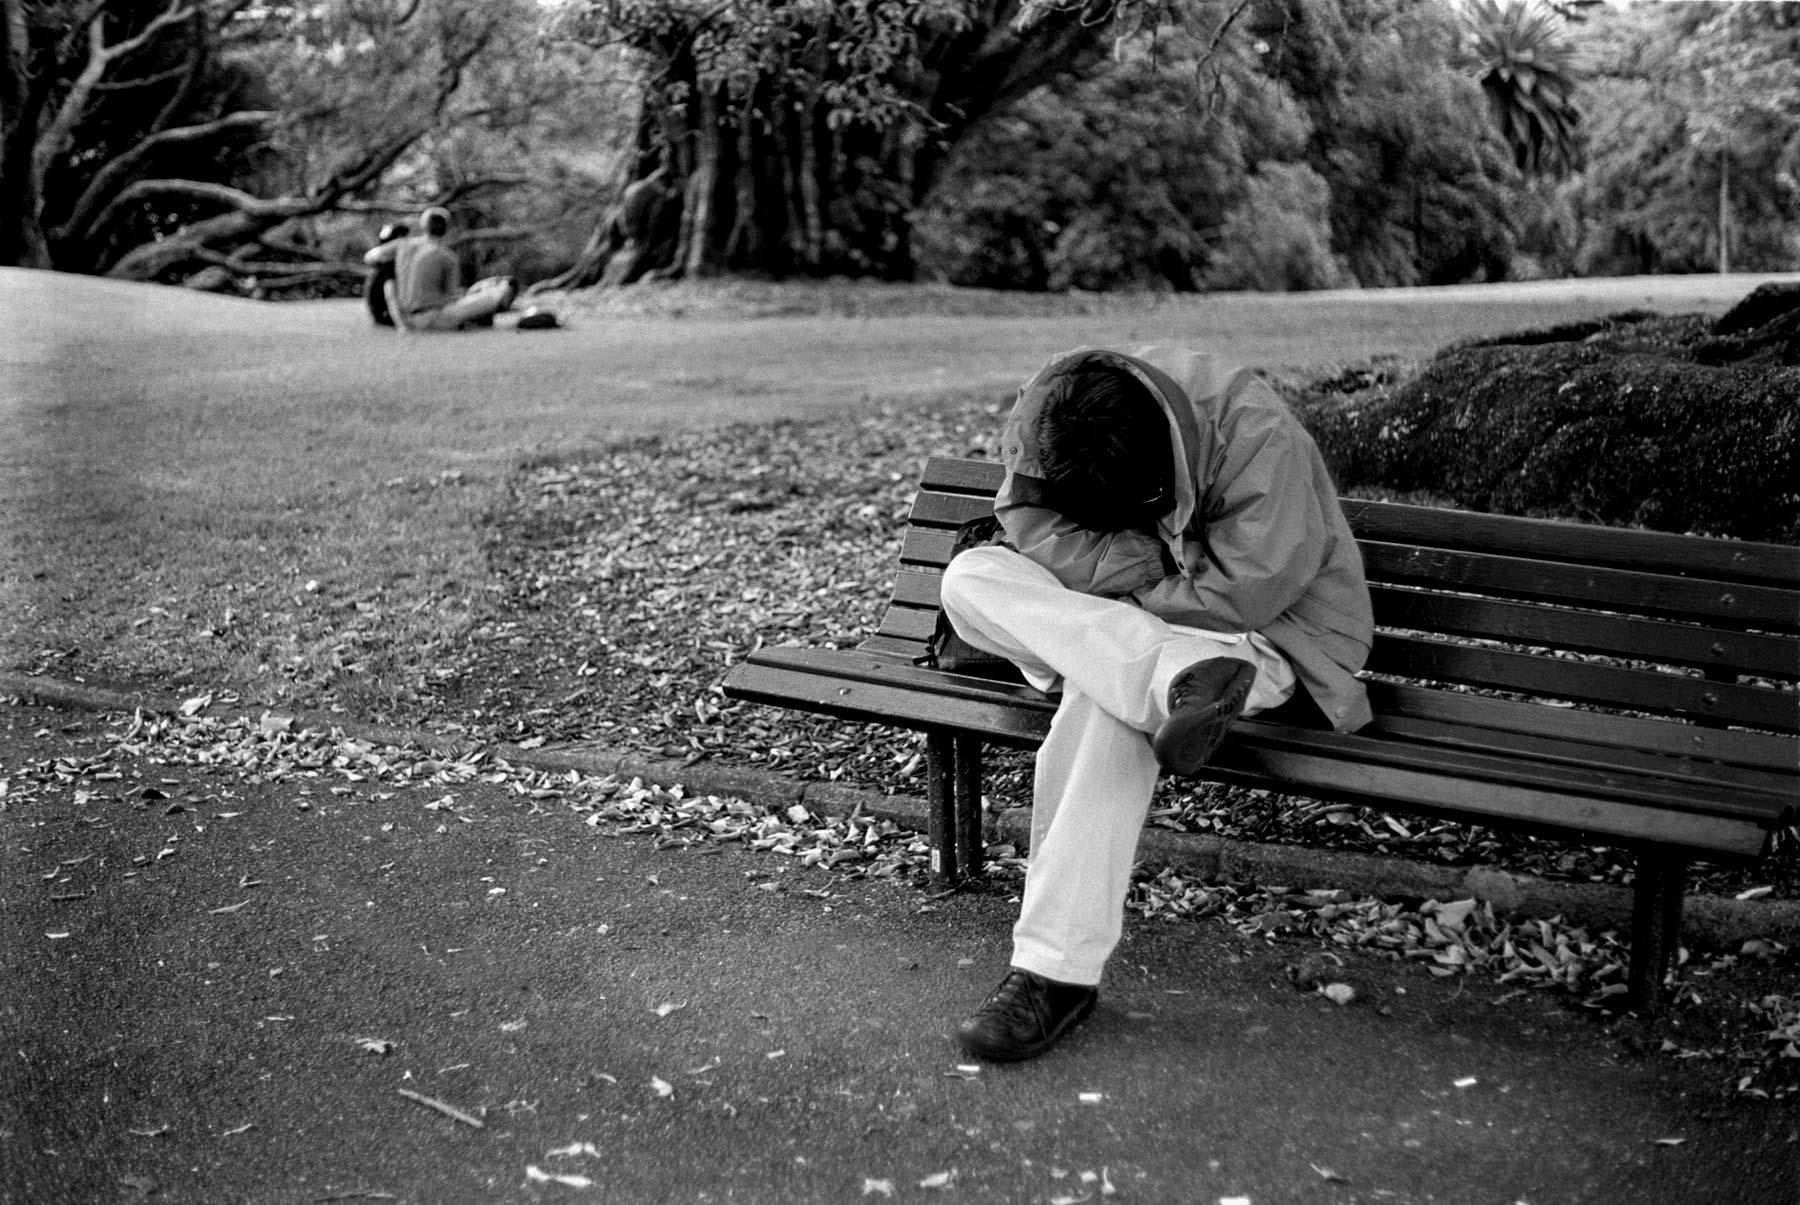 Sleep in the Albert Park, Auckland central